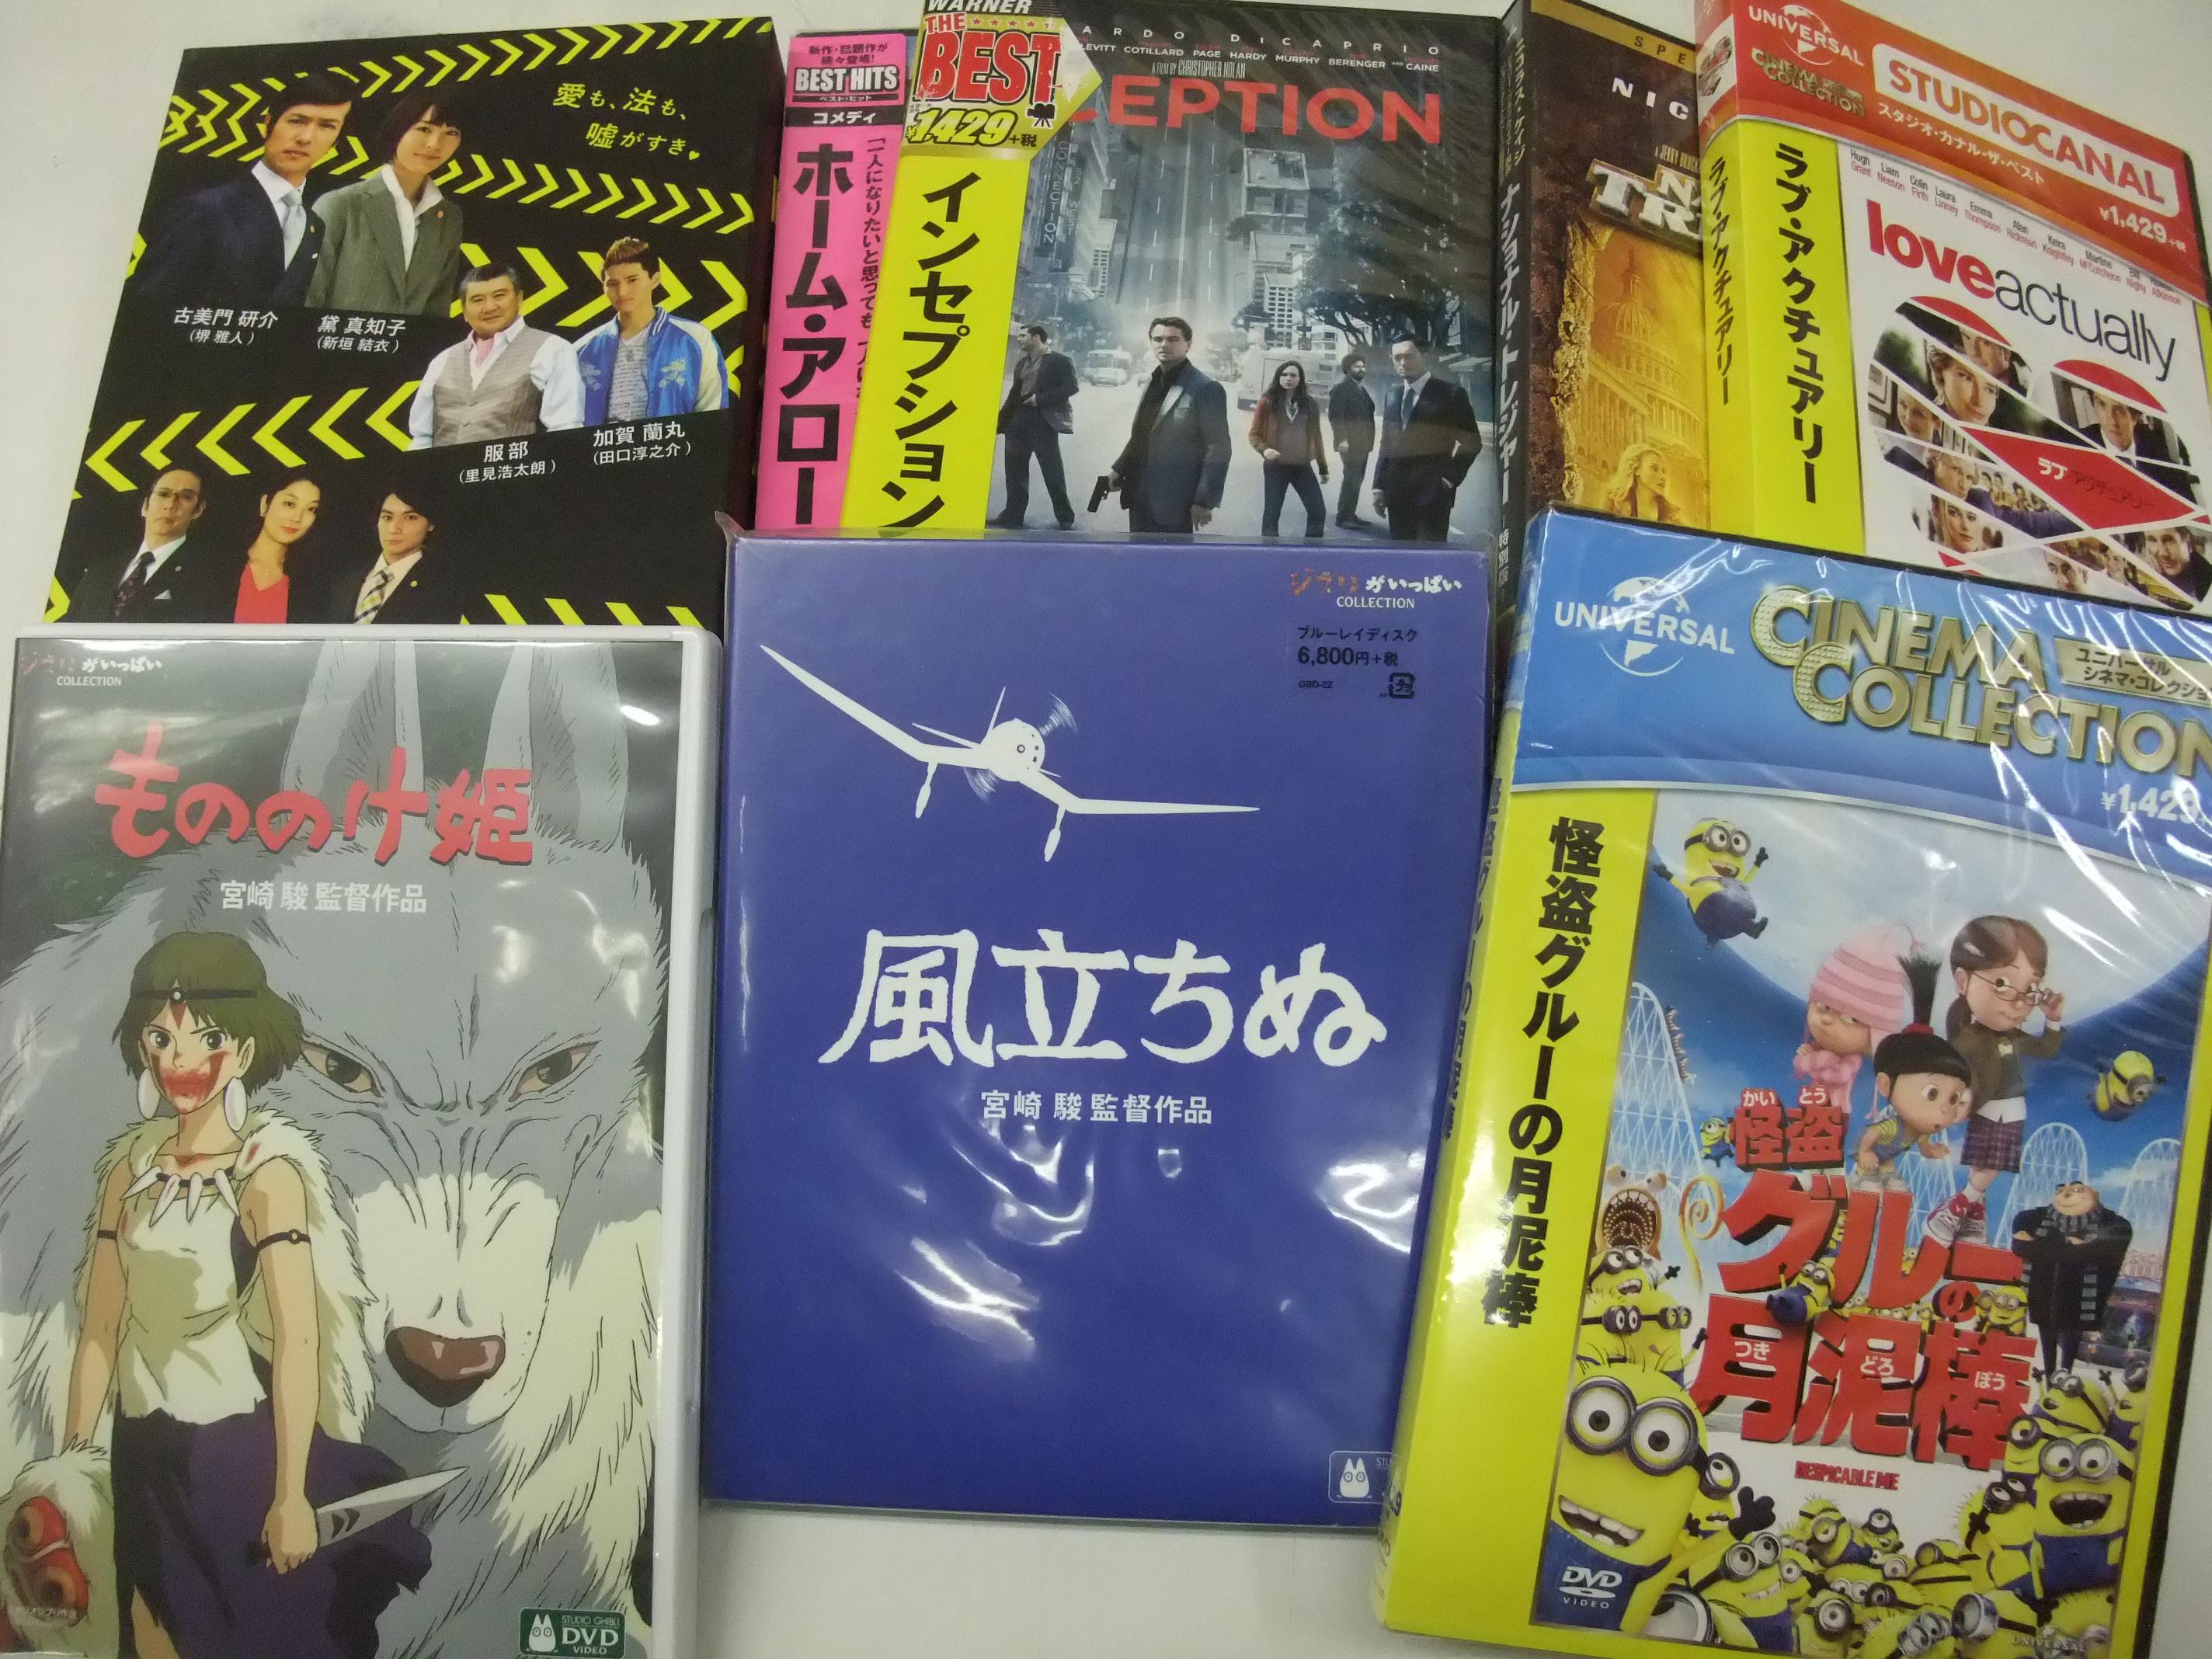 沼津市花園町 出張買取 DVD「風立ちぬ 怪盗グルーの月泥棒」漫画「ドロップ 全巻」